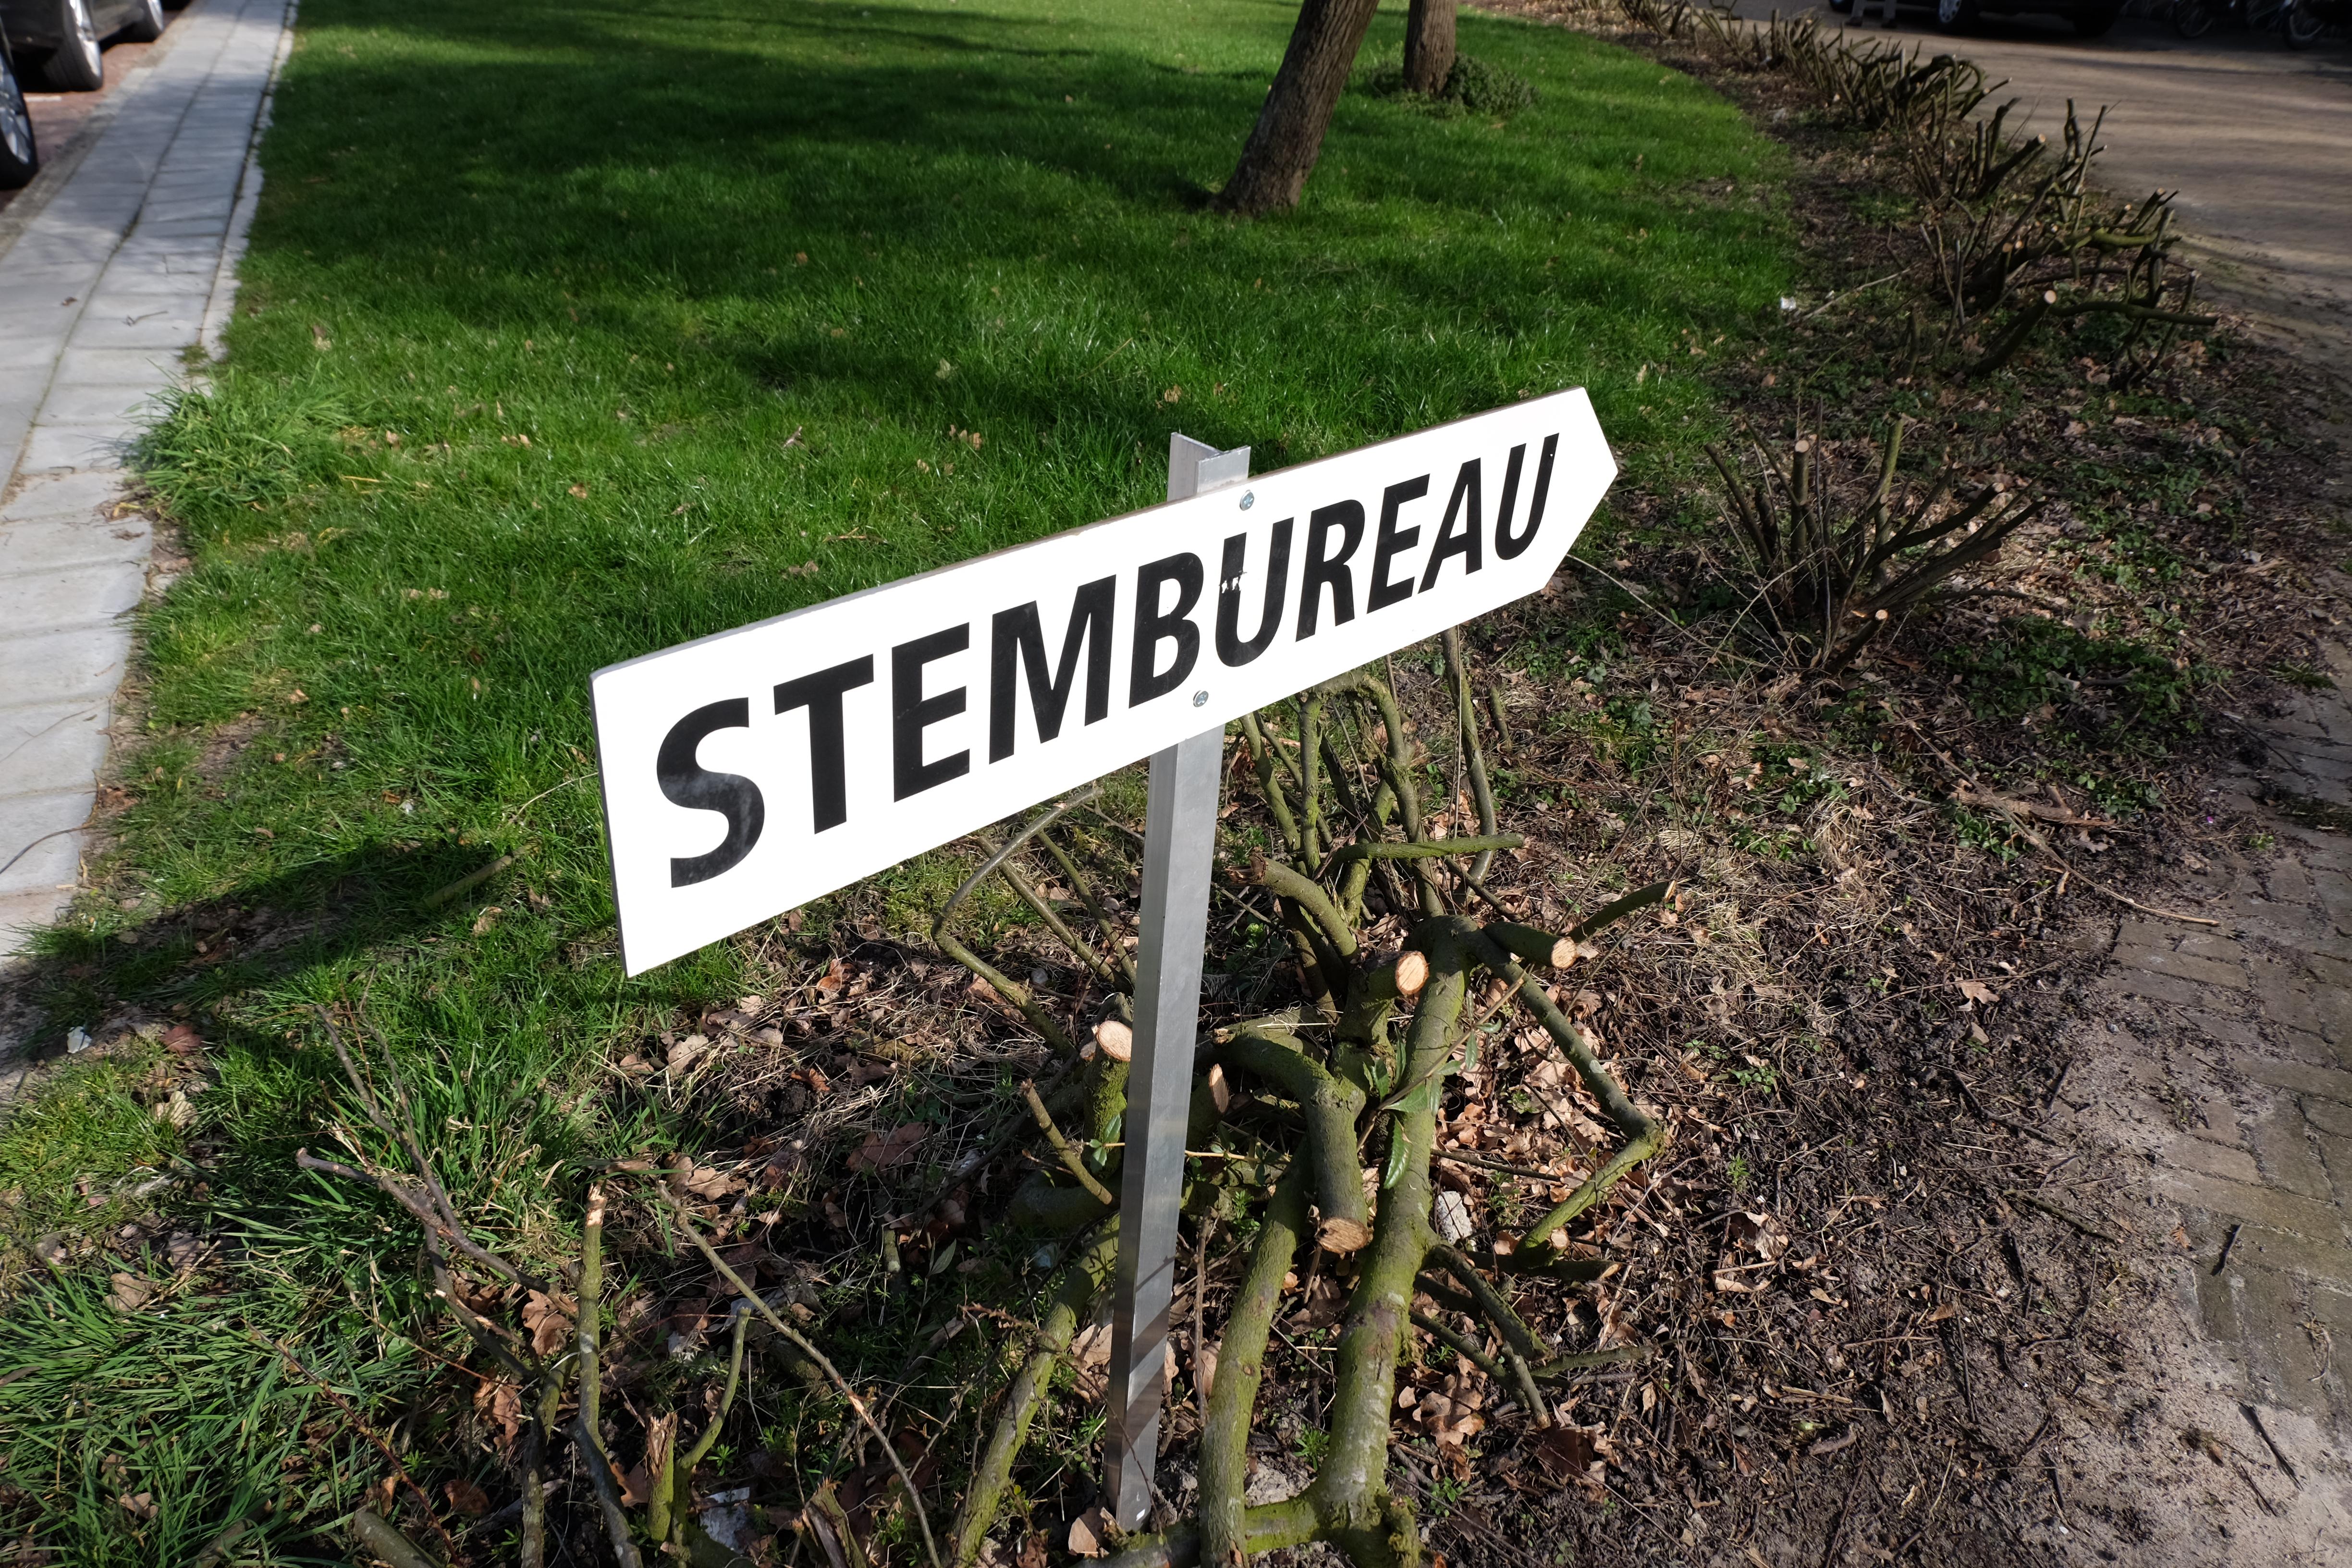 Stembureau-2